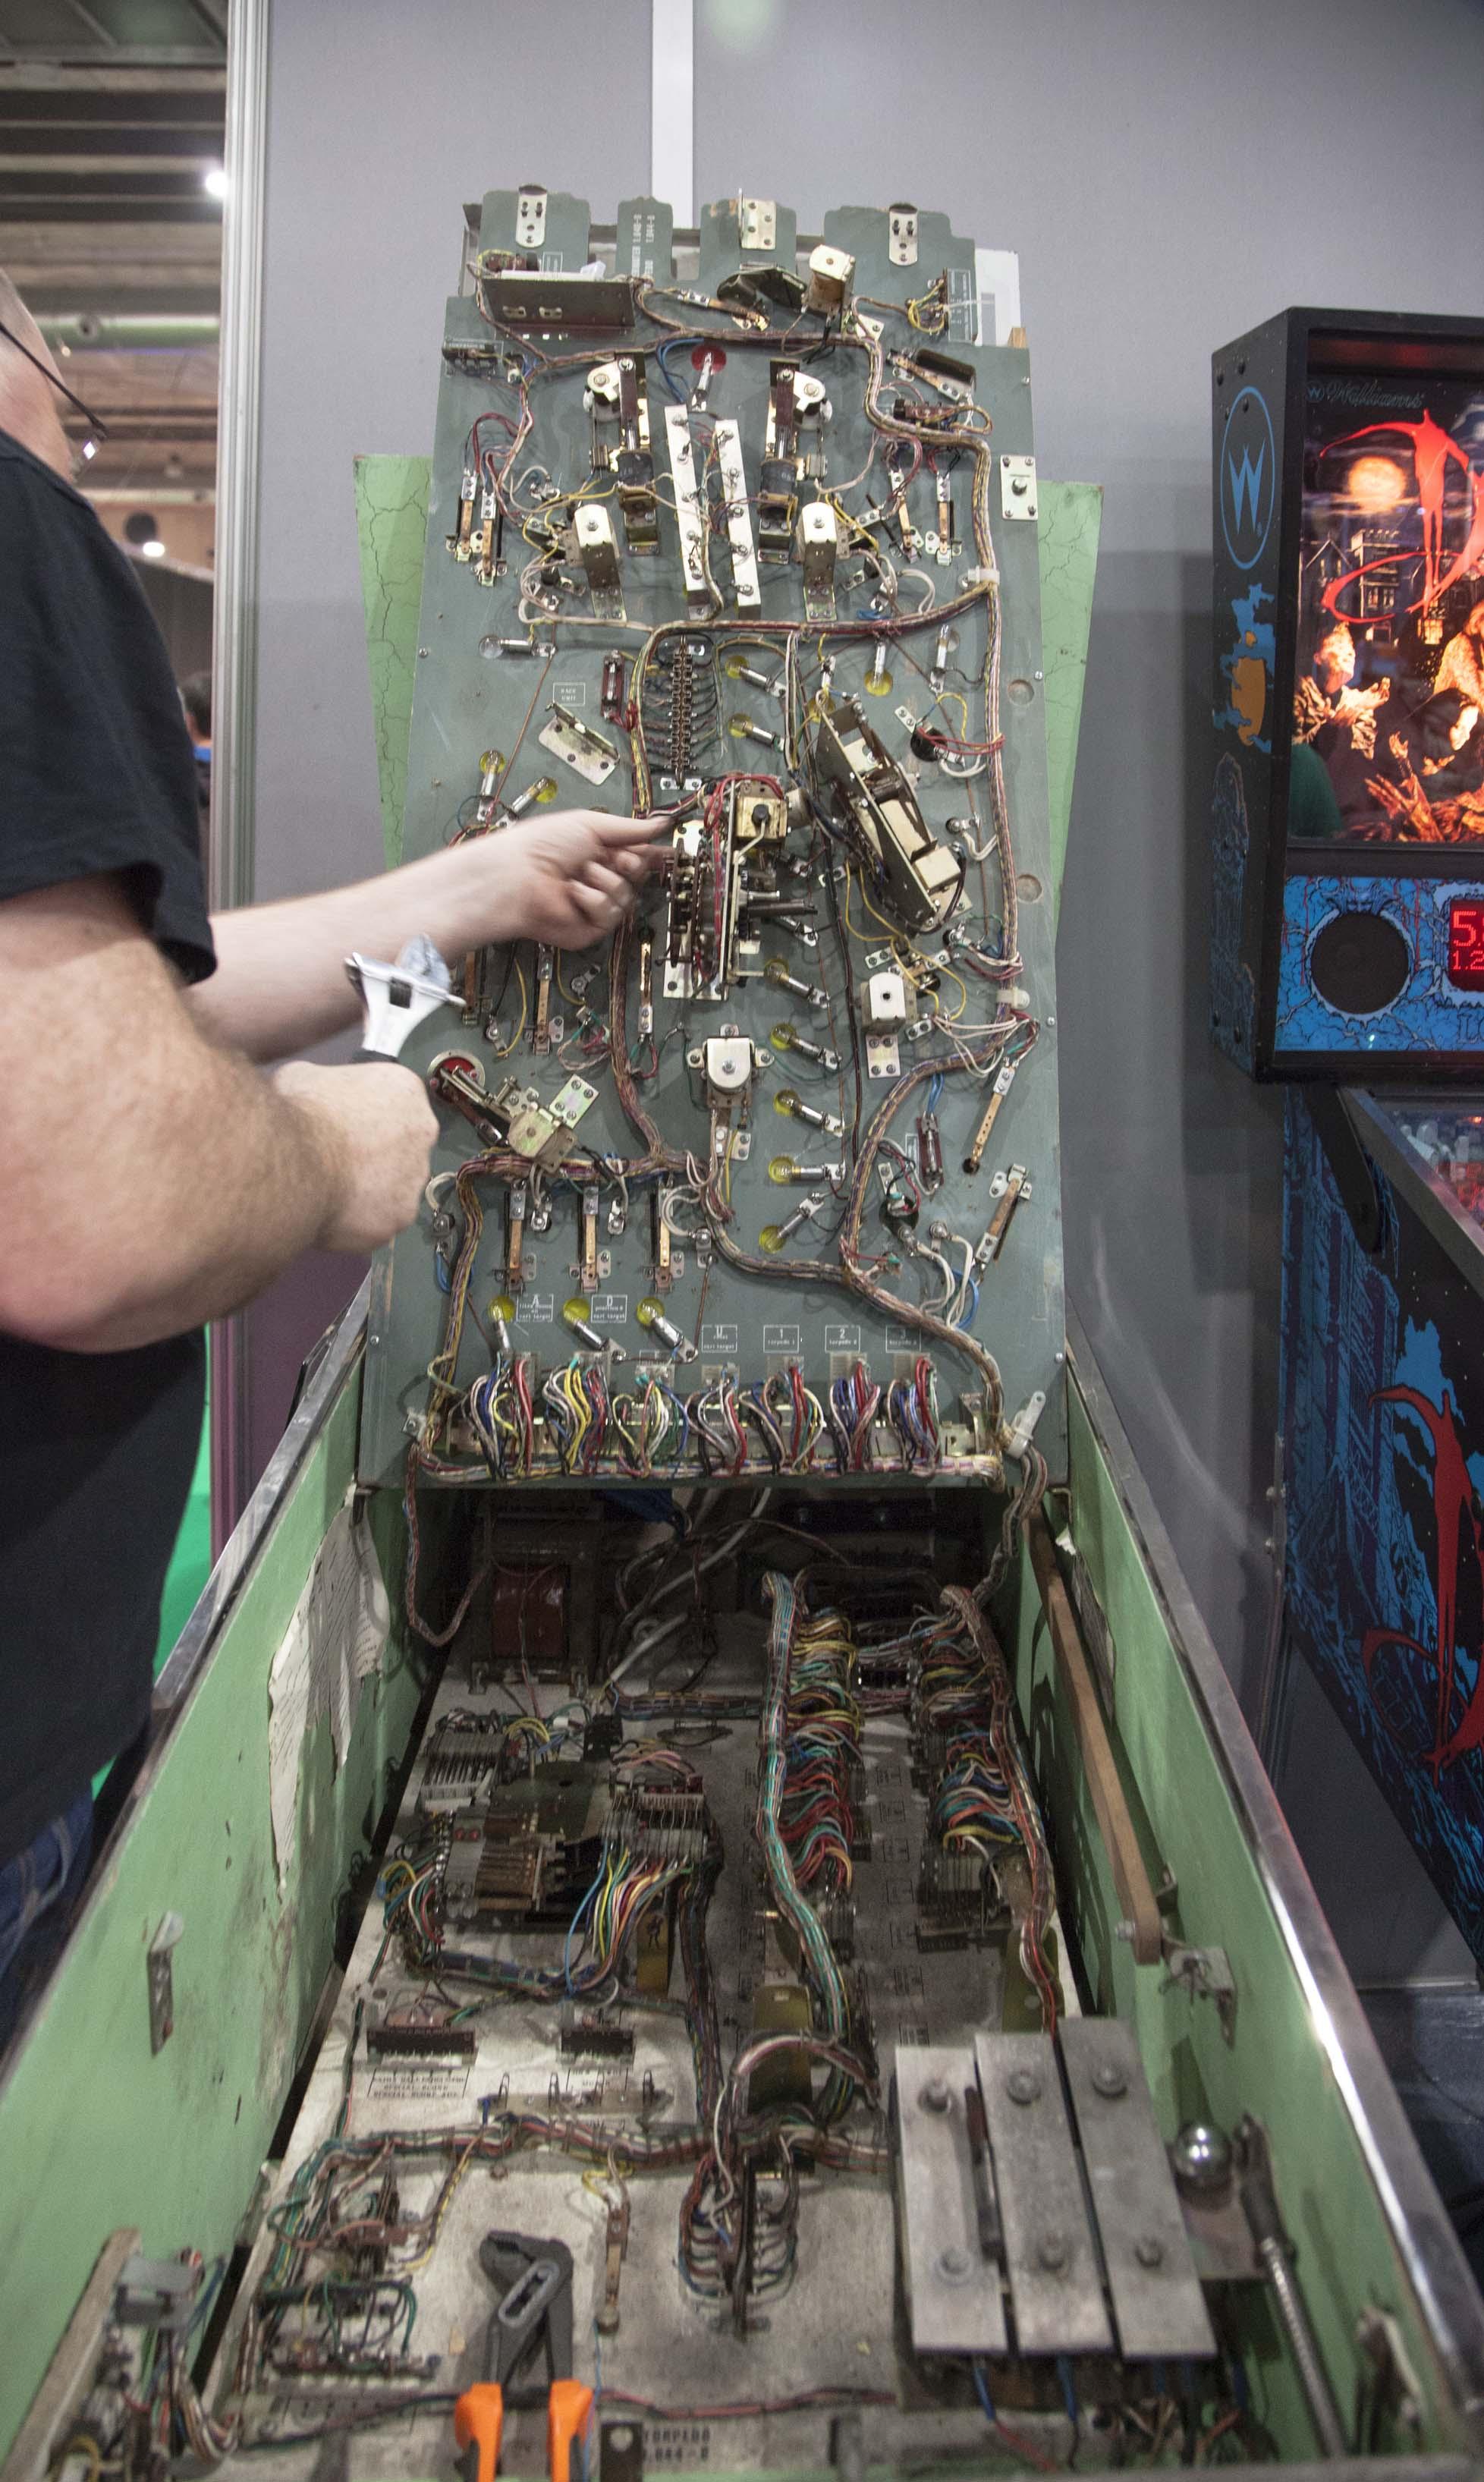 """Las """"tripas"""" de un pinball. Electrónica analógica pura. Y, con todo, sumamente adictivas y entretenidas. Toda una experiencia la de jugar en unas máquinas recreativas que fueron parte de la historia del ocio electrónico."""